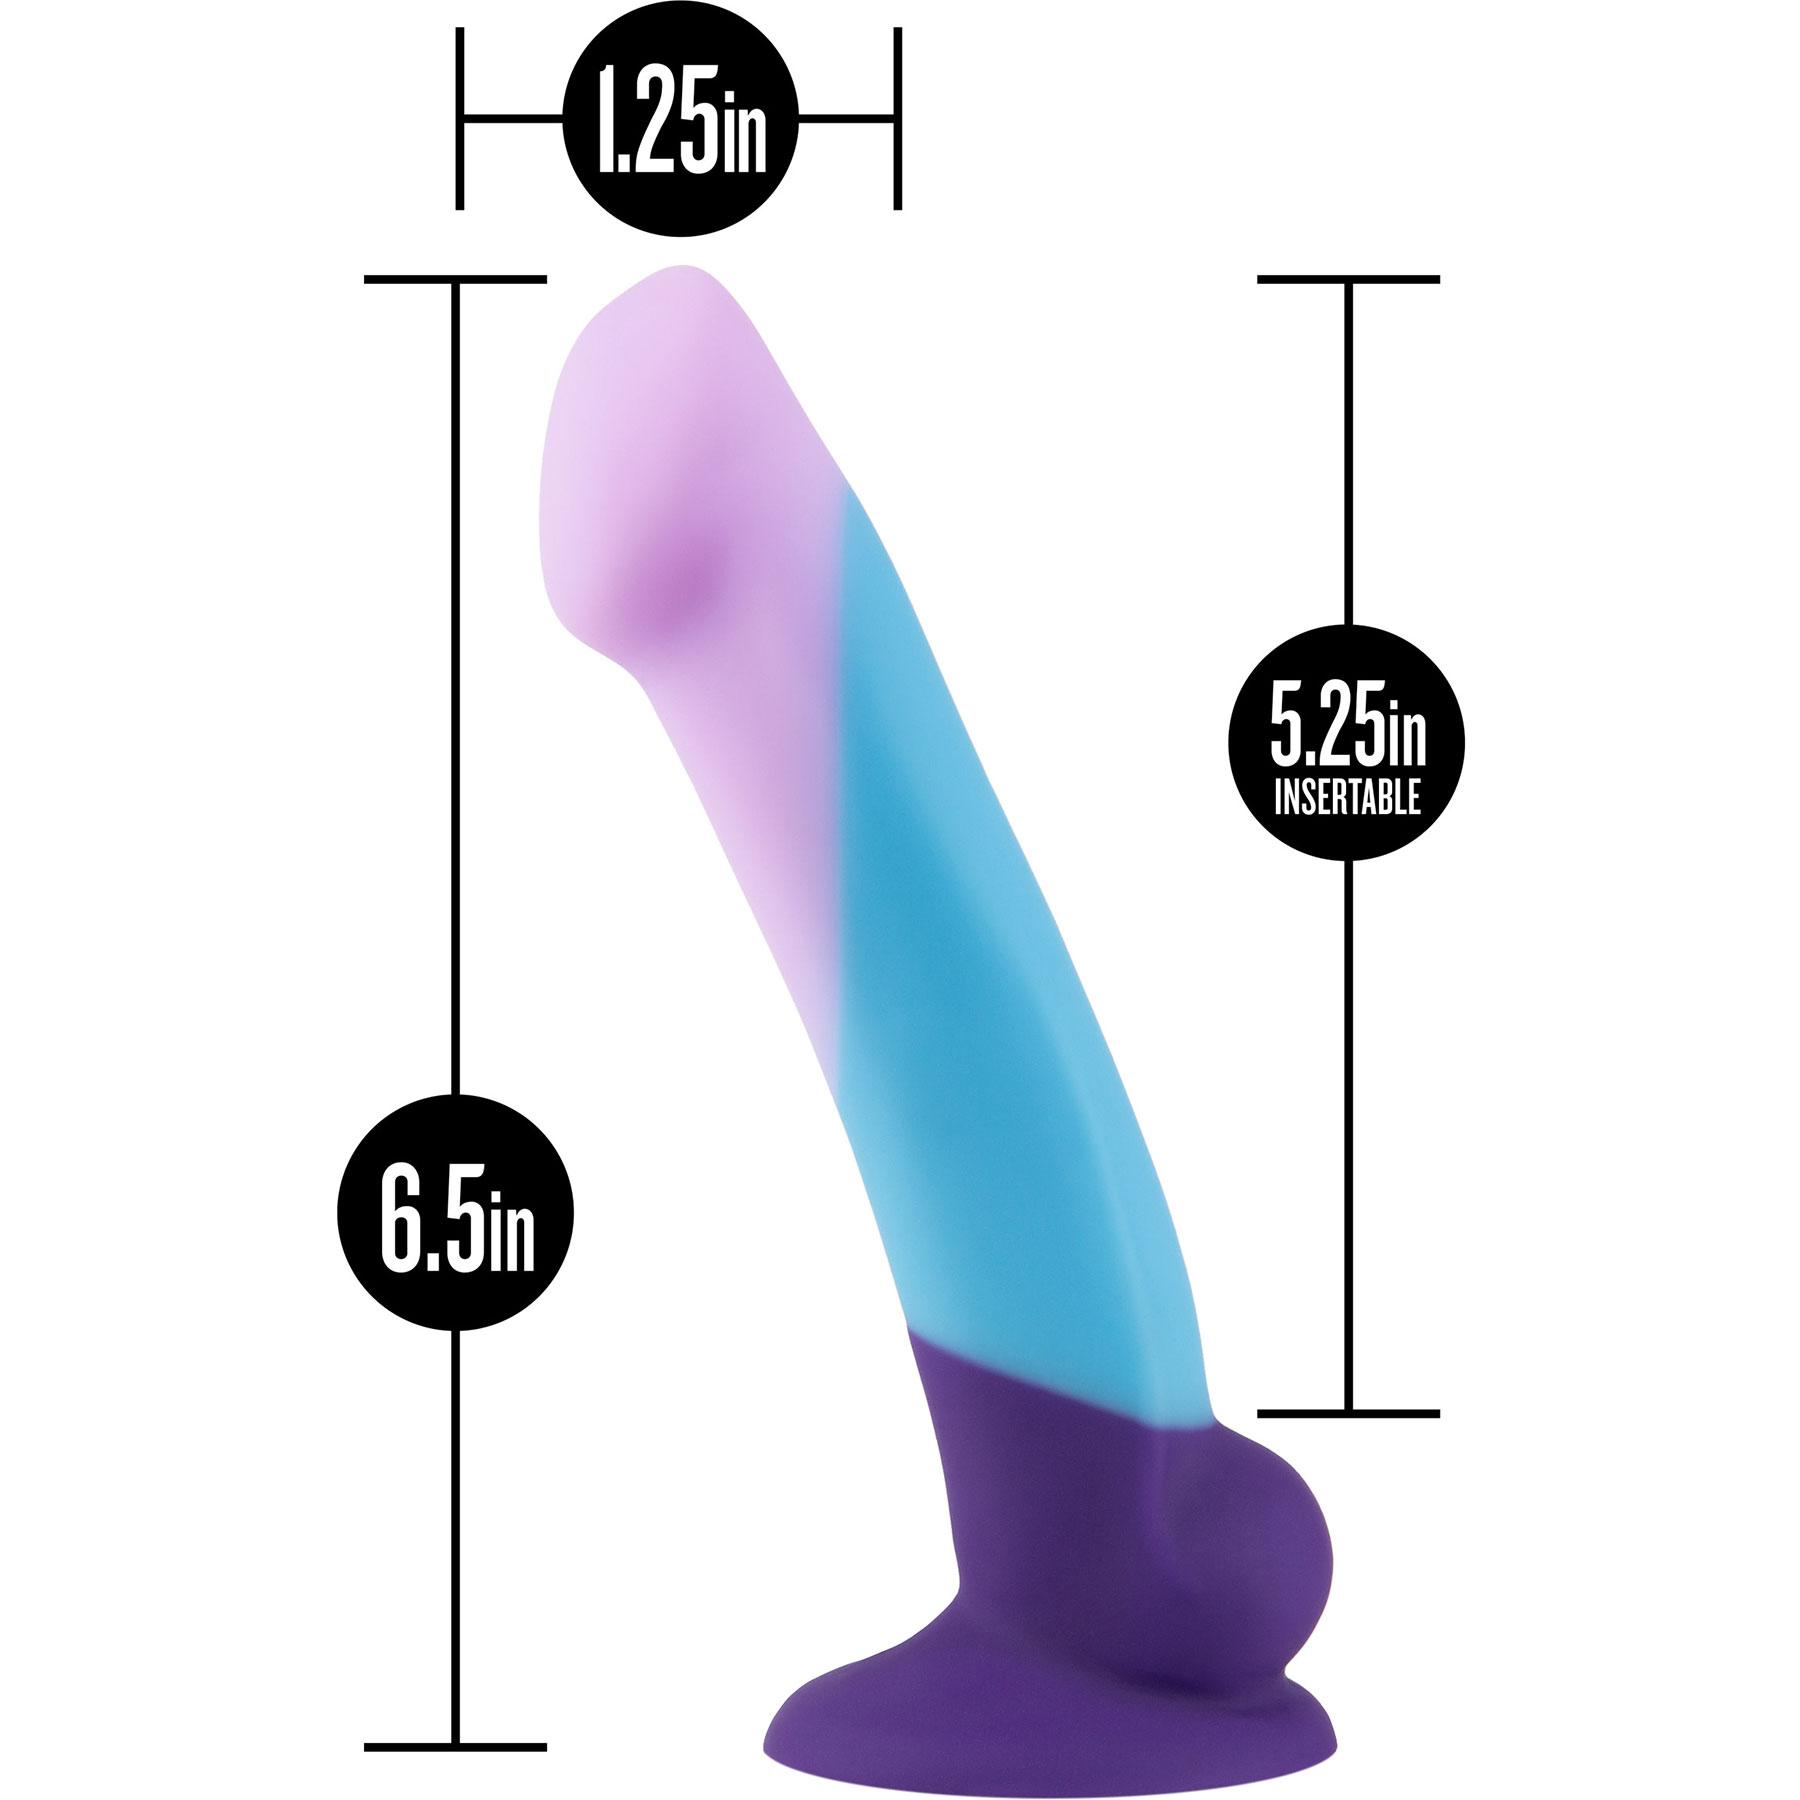 Avant D16 Purple Haze Silicone Suction Cup Dildo - Measurements